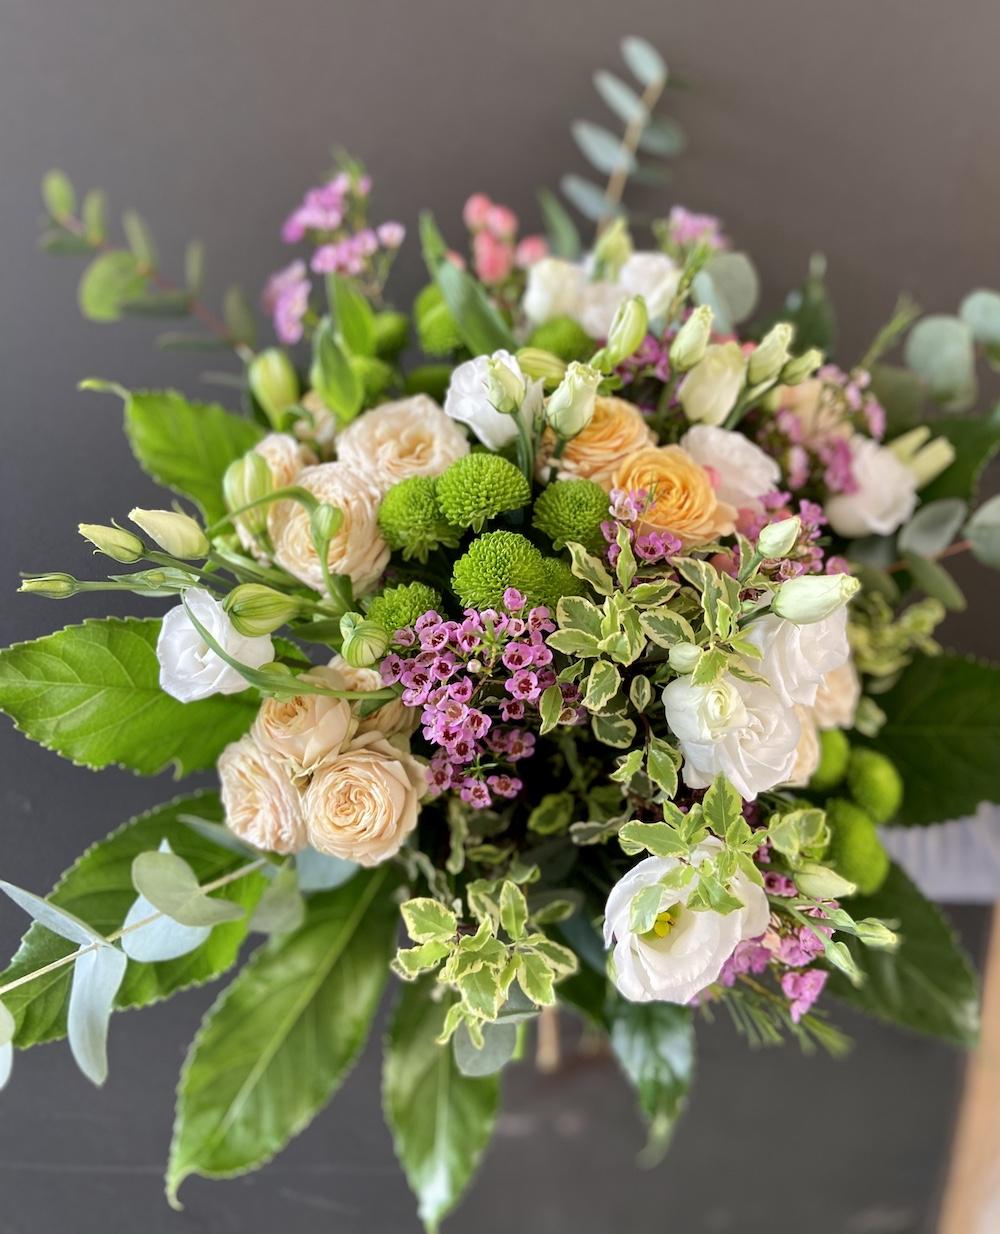 Rossana flower bouquet e flower boxIMG_2341